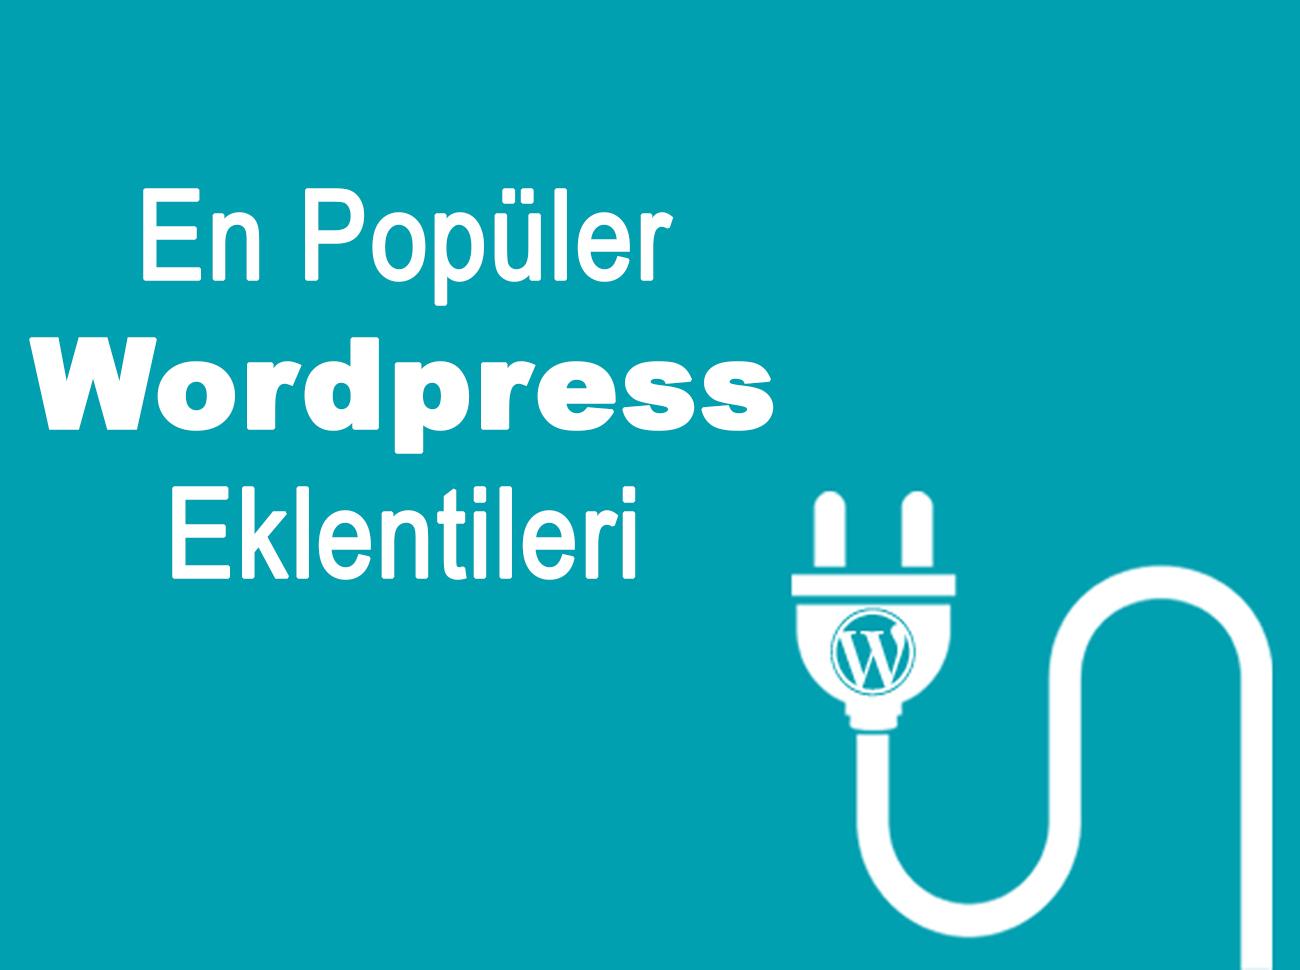 En Çok Kullanılan 10 WordPress Eklentisi